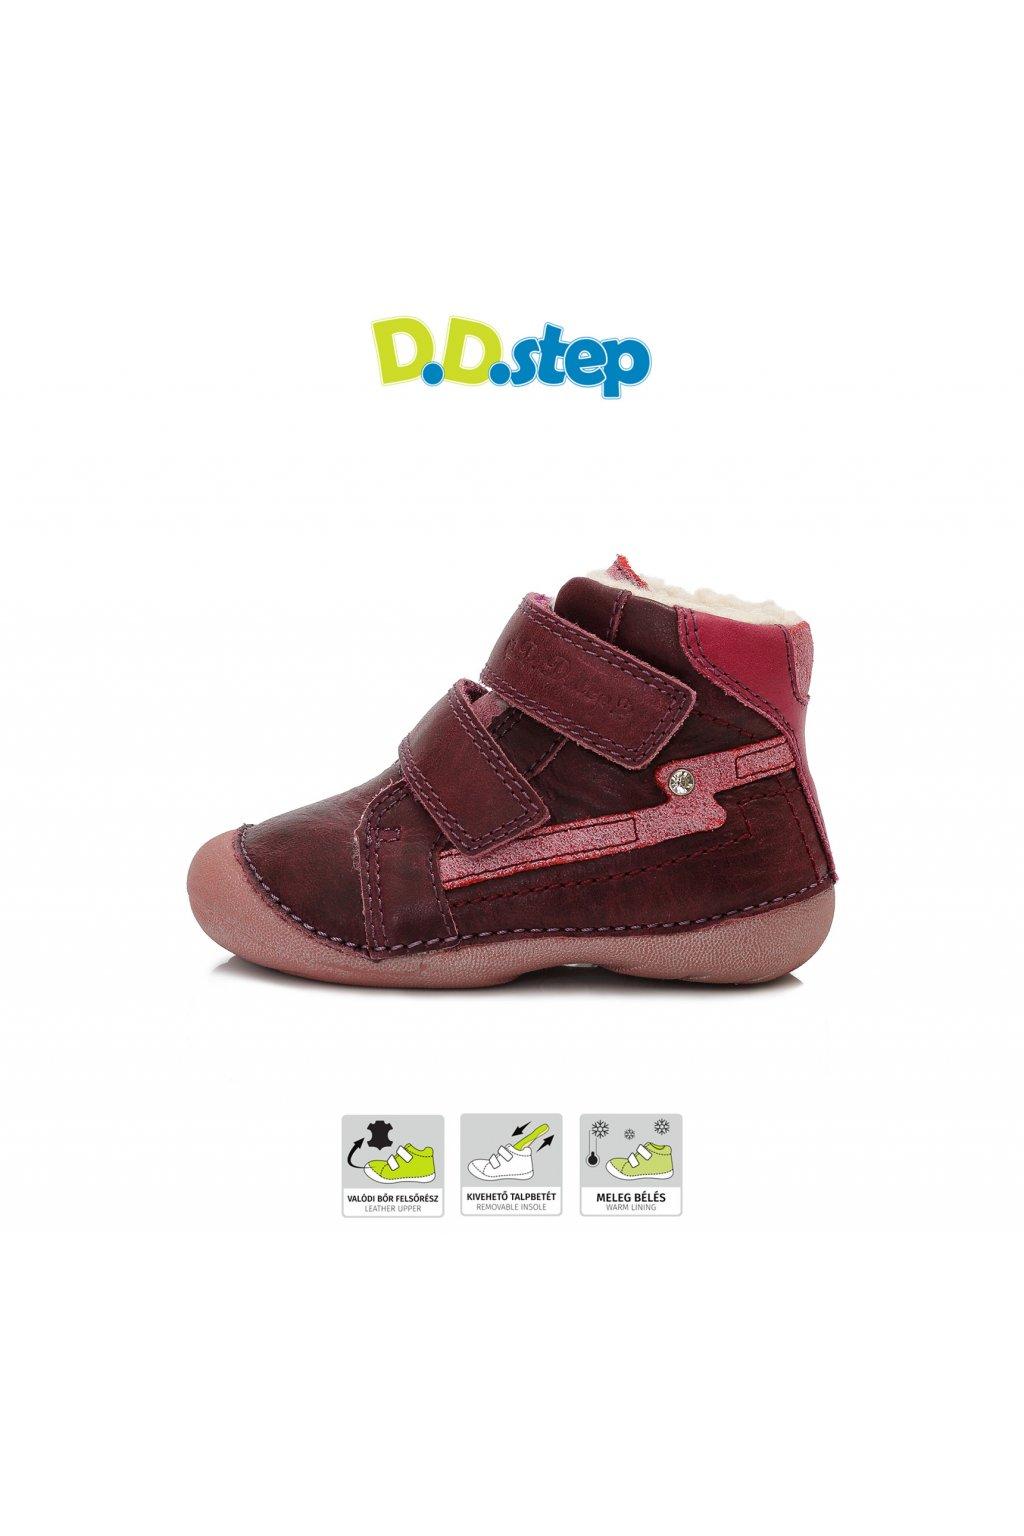 D.D.Step čižmičky Raspberry s TEX úpravou